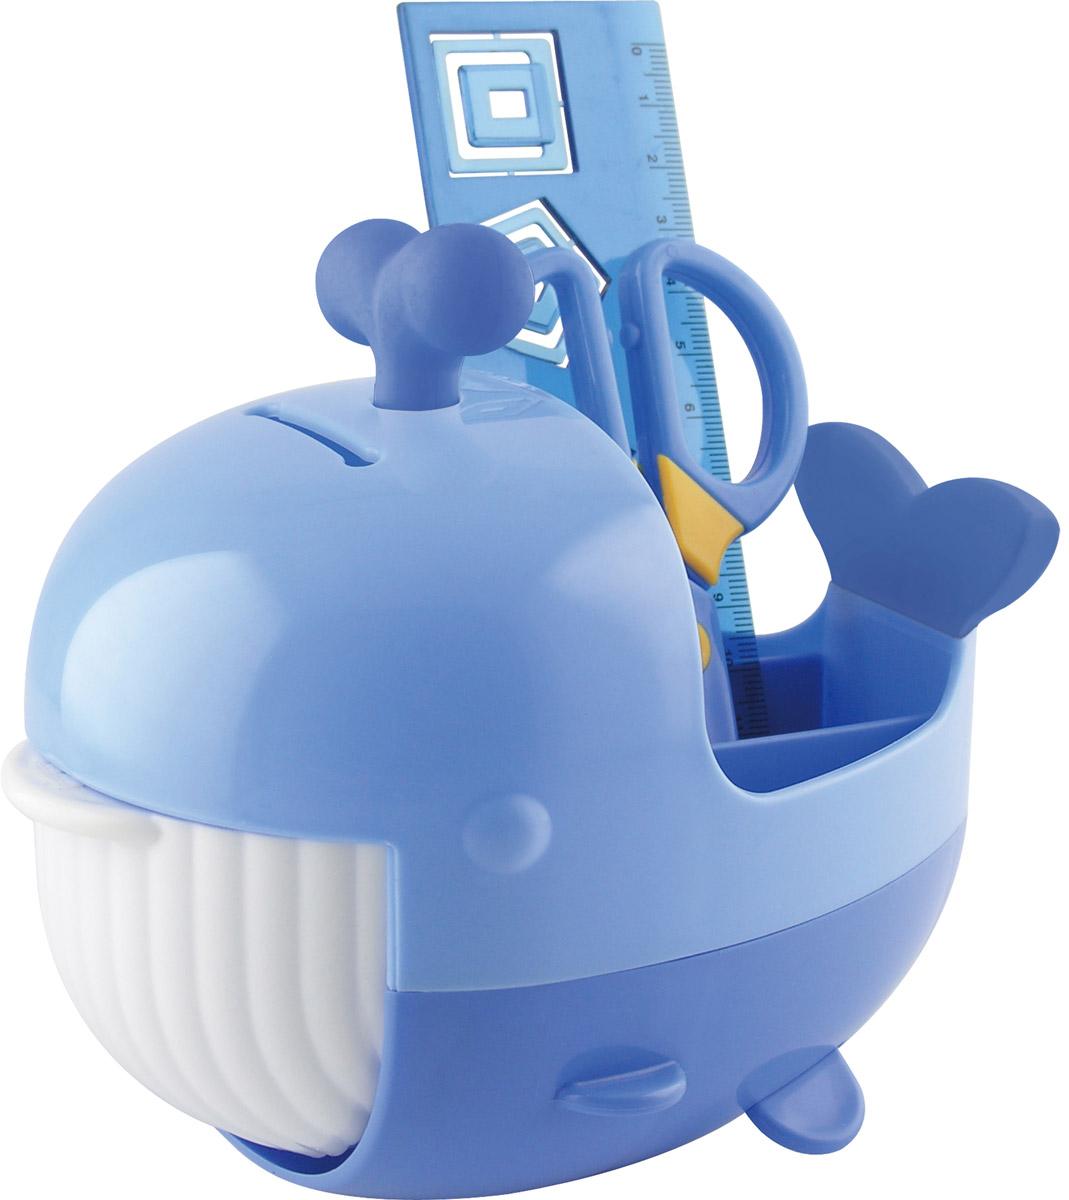 Brauberg Канцелярский набор Кит цвет синий 4 предмета